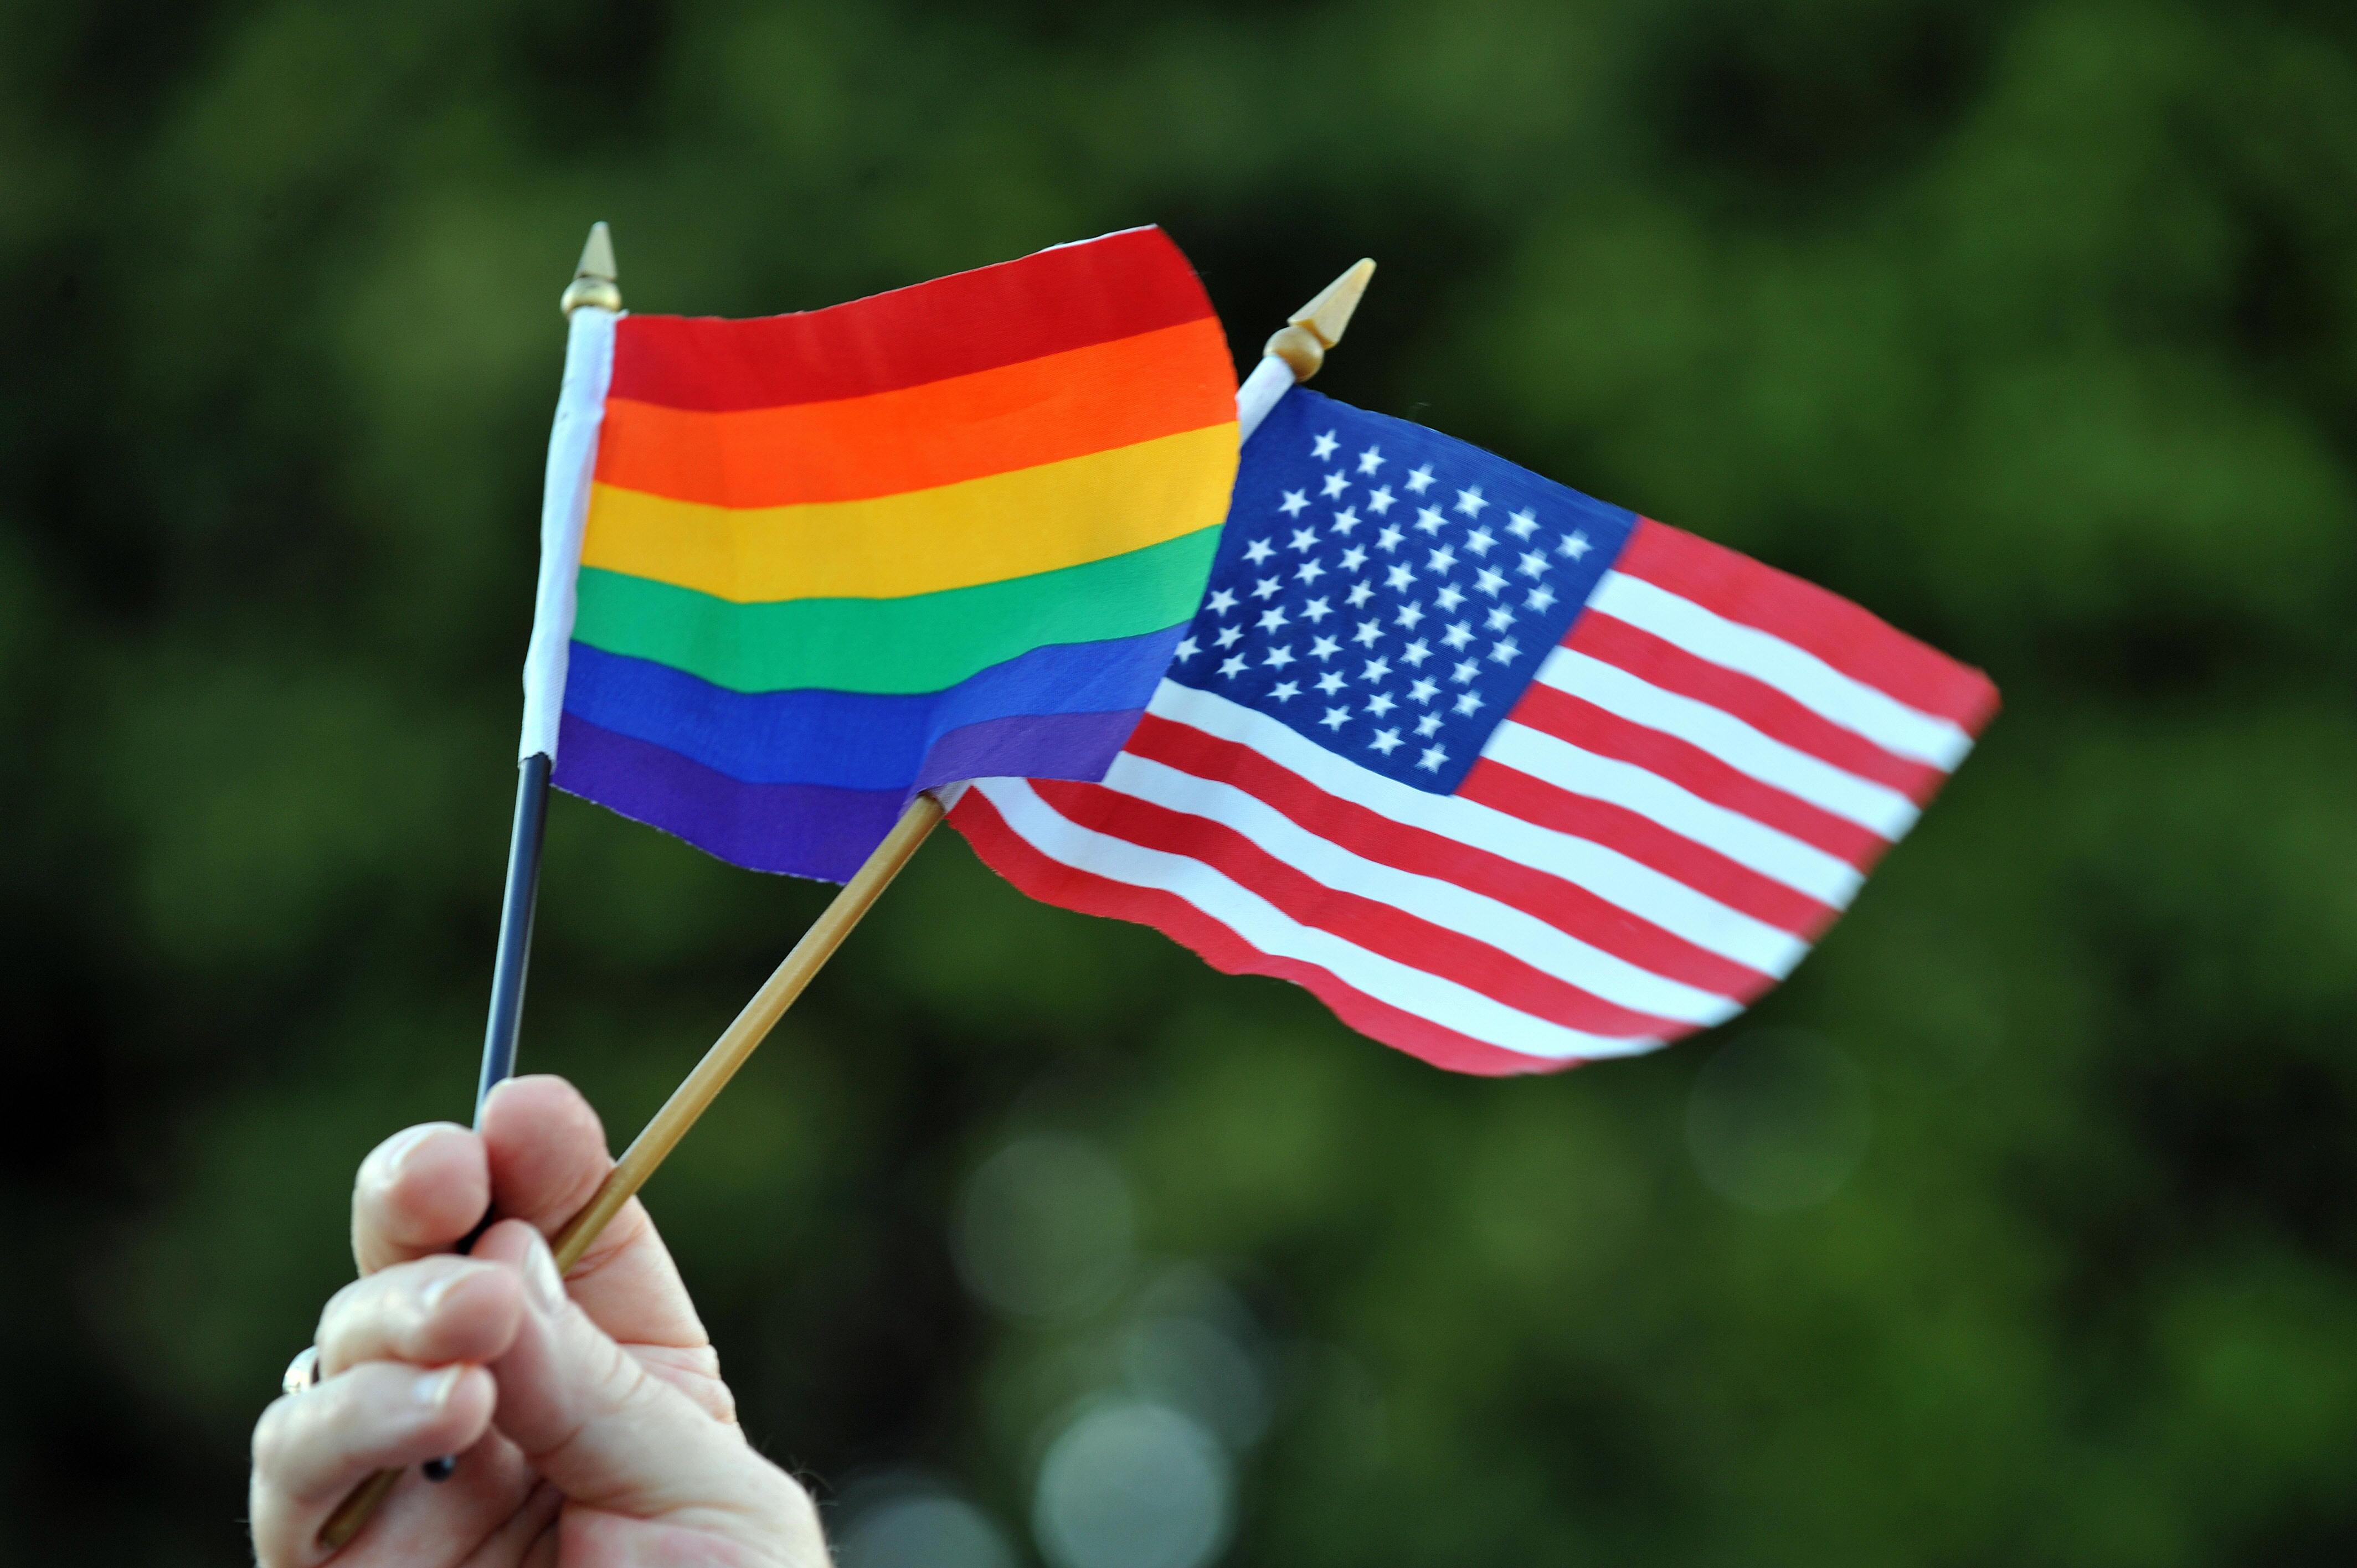 Gay sexe en USA